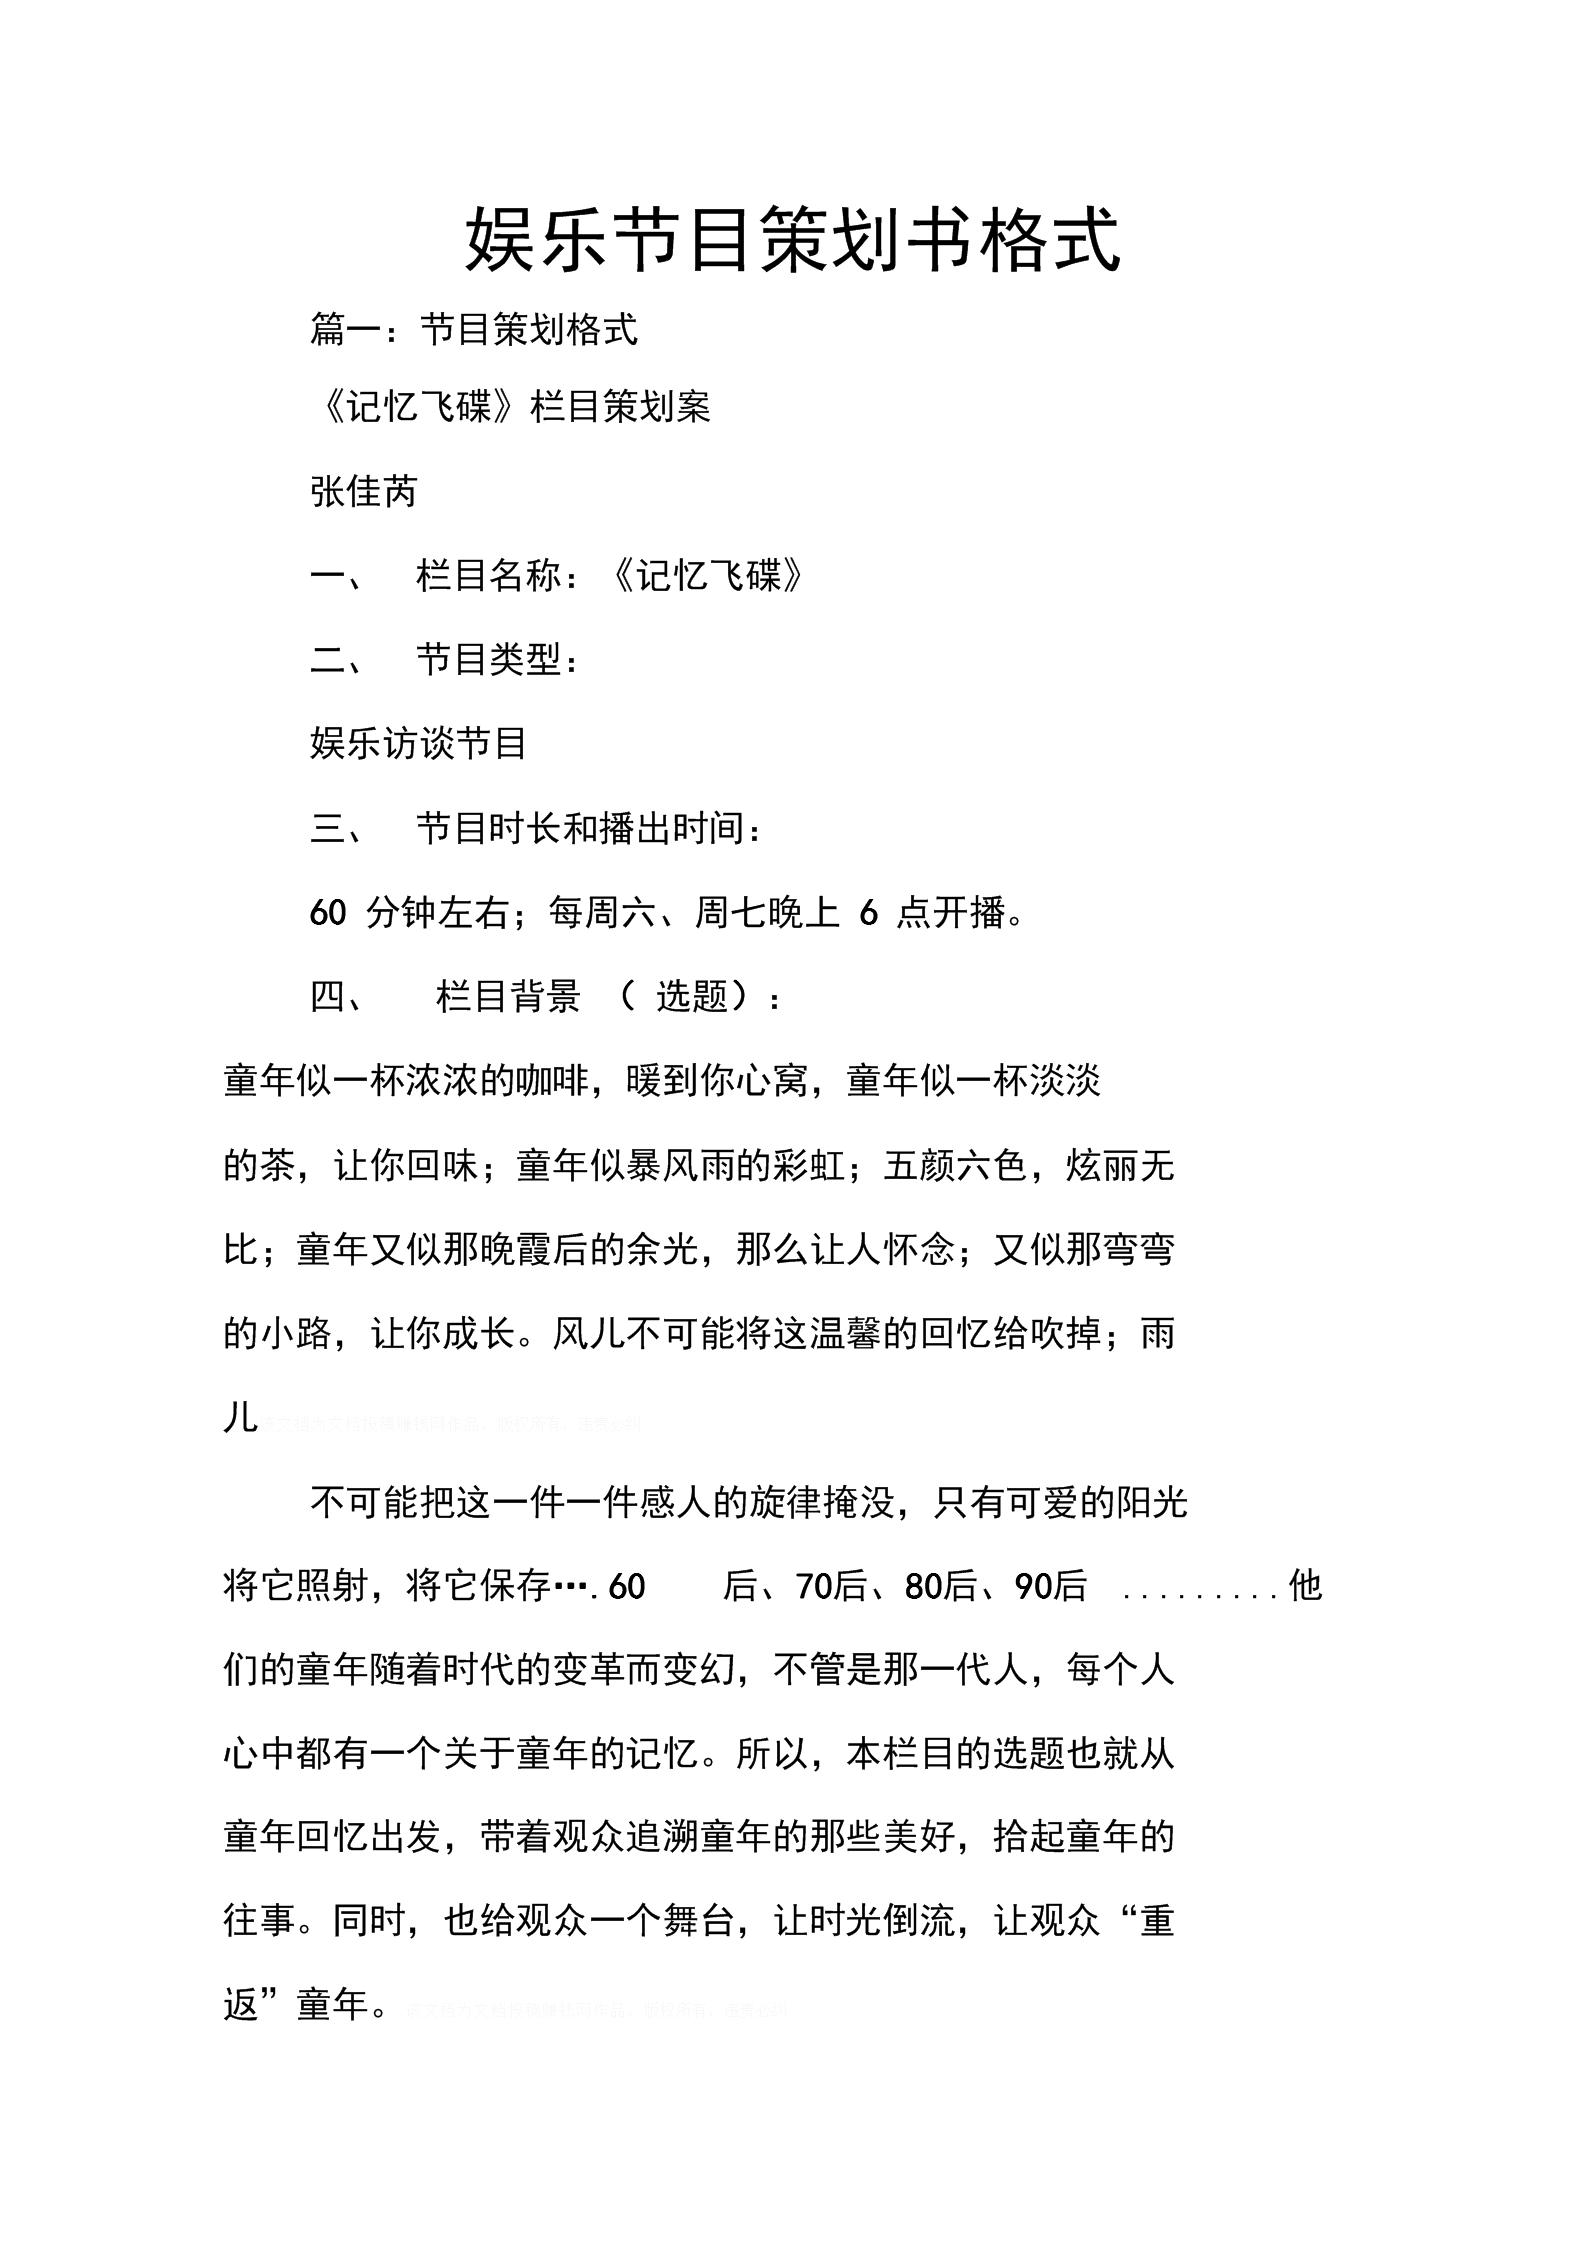 娱乐节目策划书格式.docx